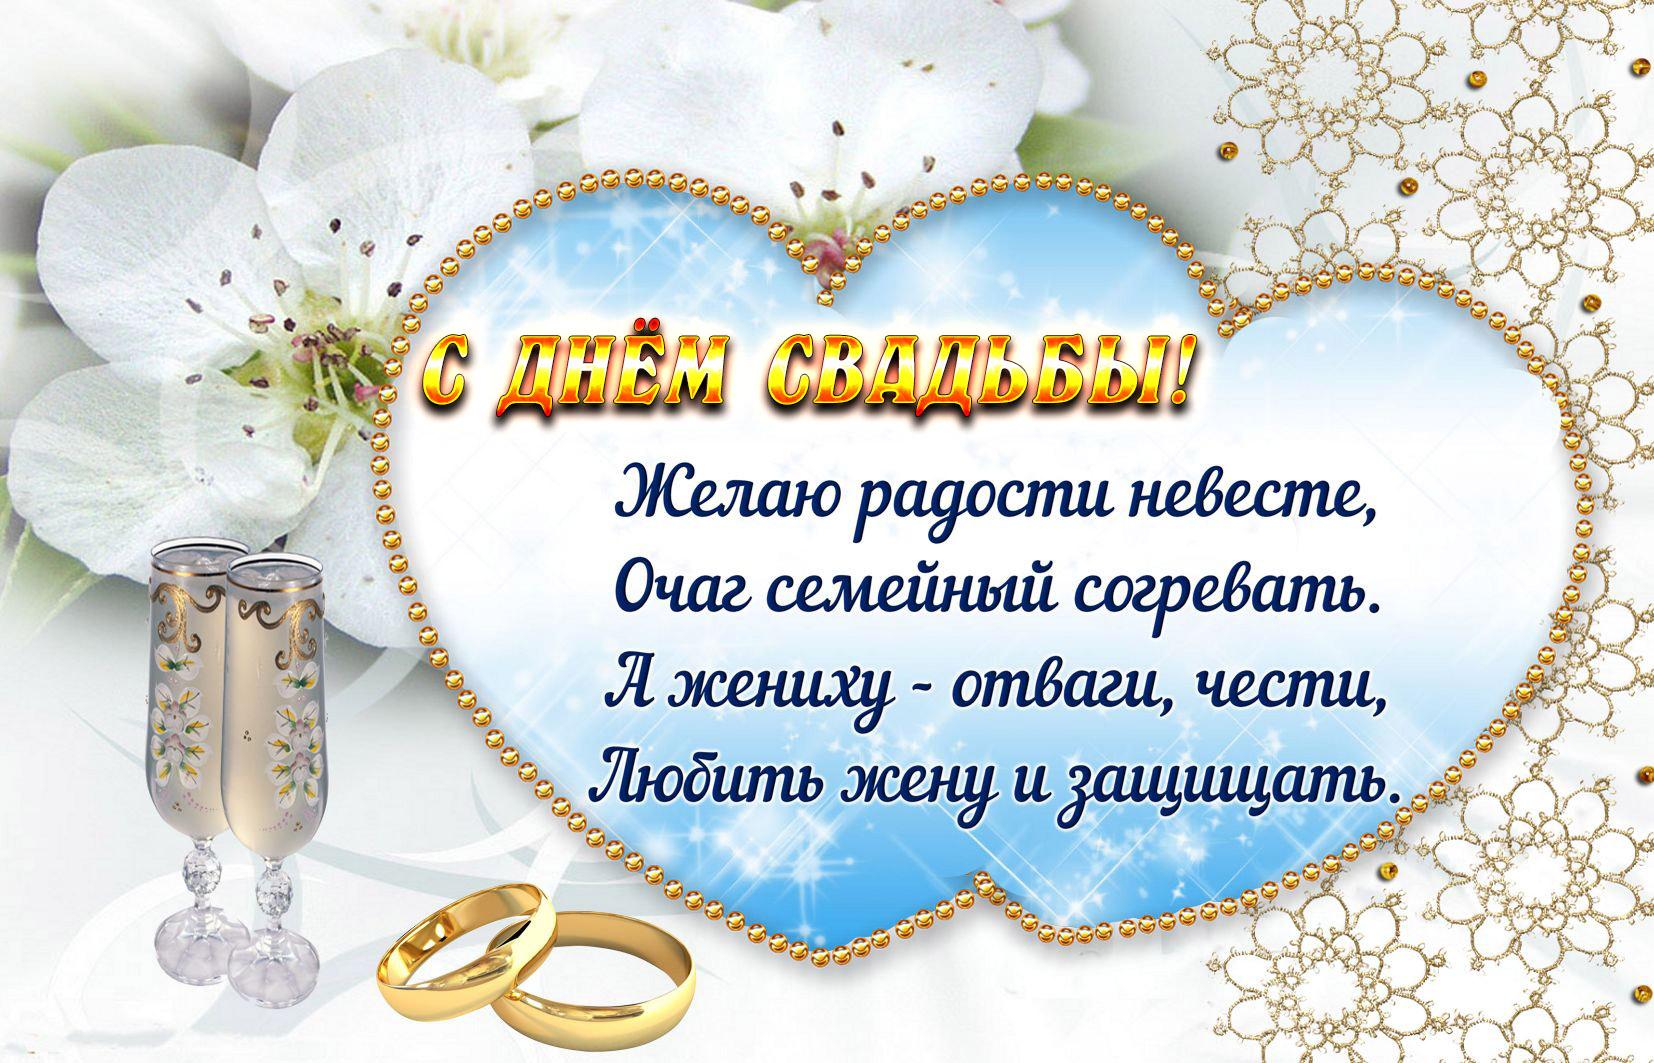 Очень классное свадебное поздравление